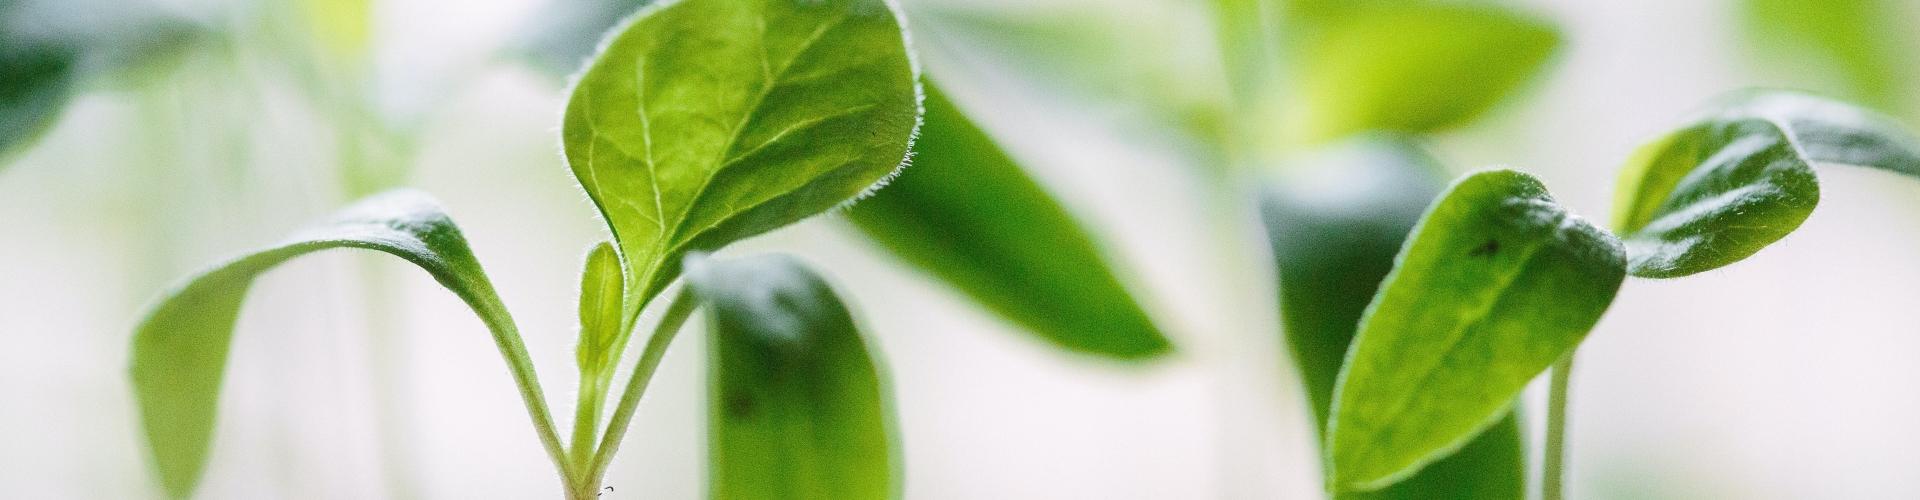 ecologisch alternatief voor potgrond